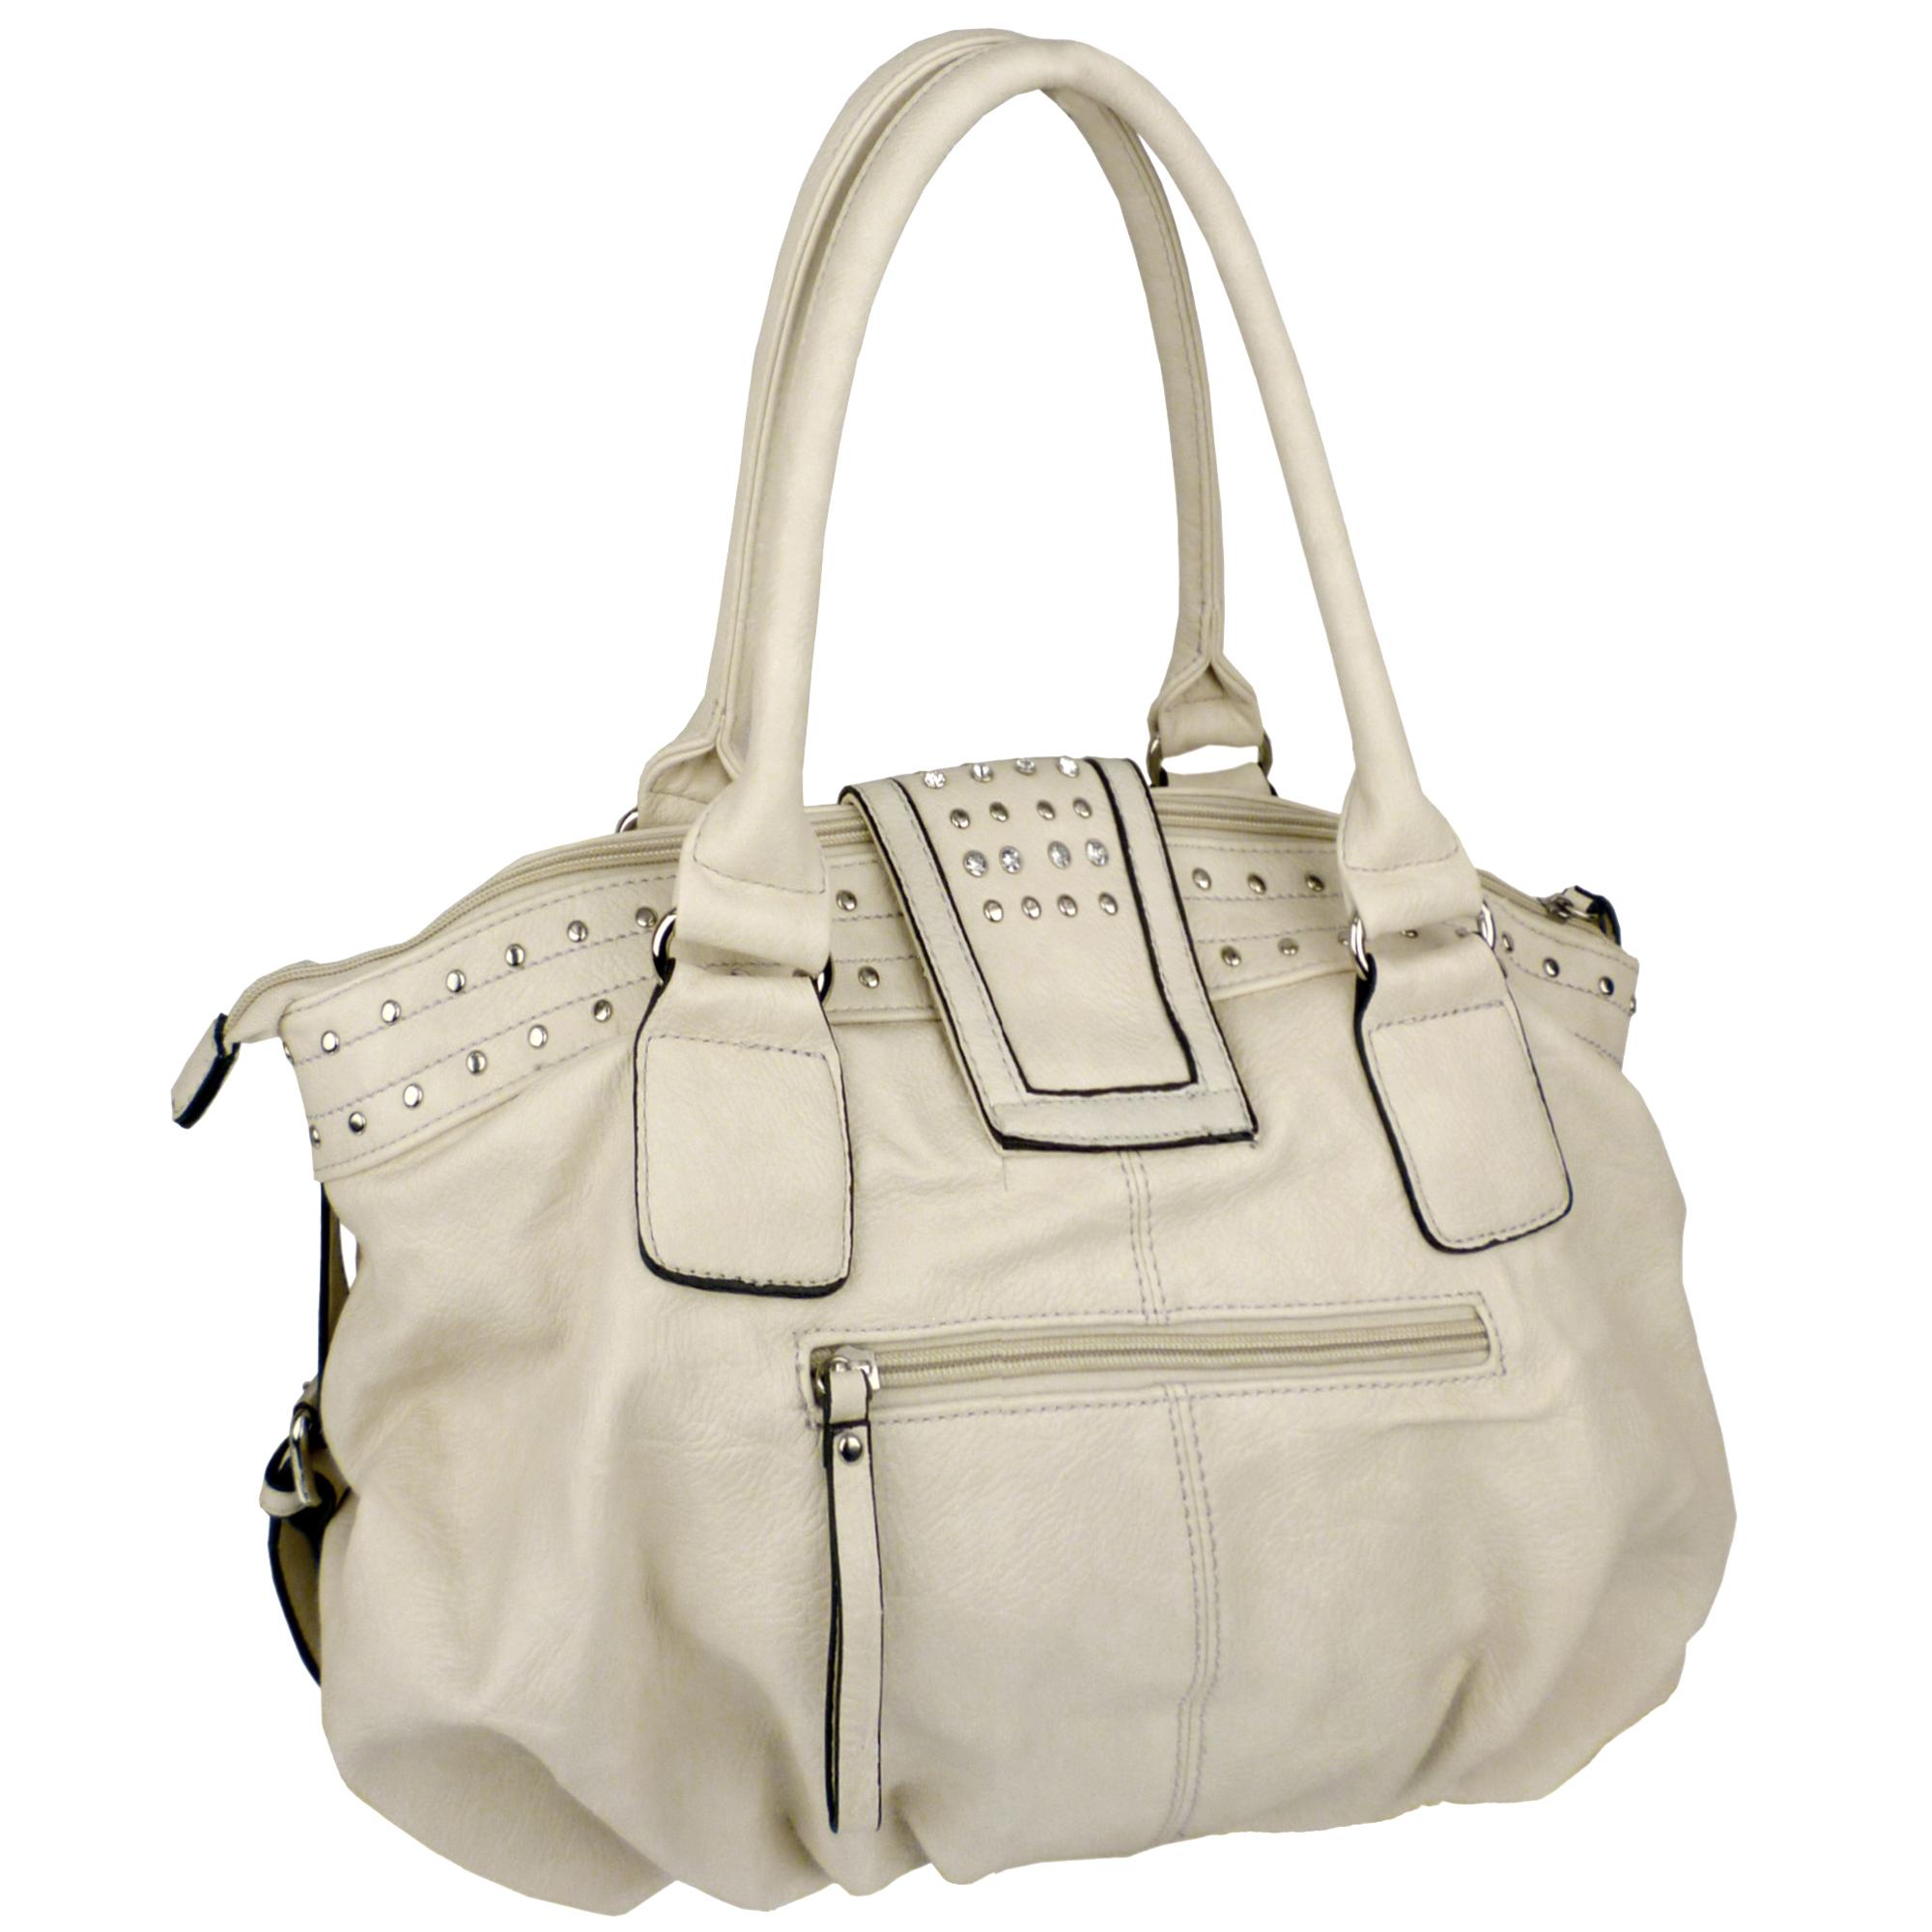 BRENNA Beige Studded Soft Shopper Style Hobo Handbag Angled 2